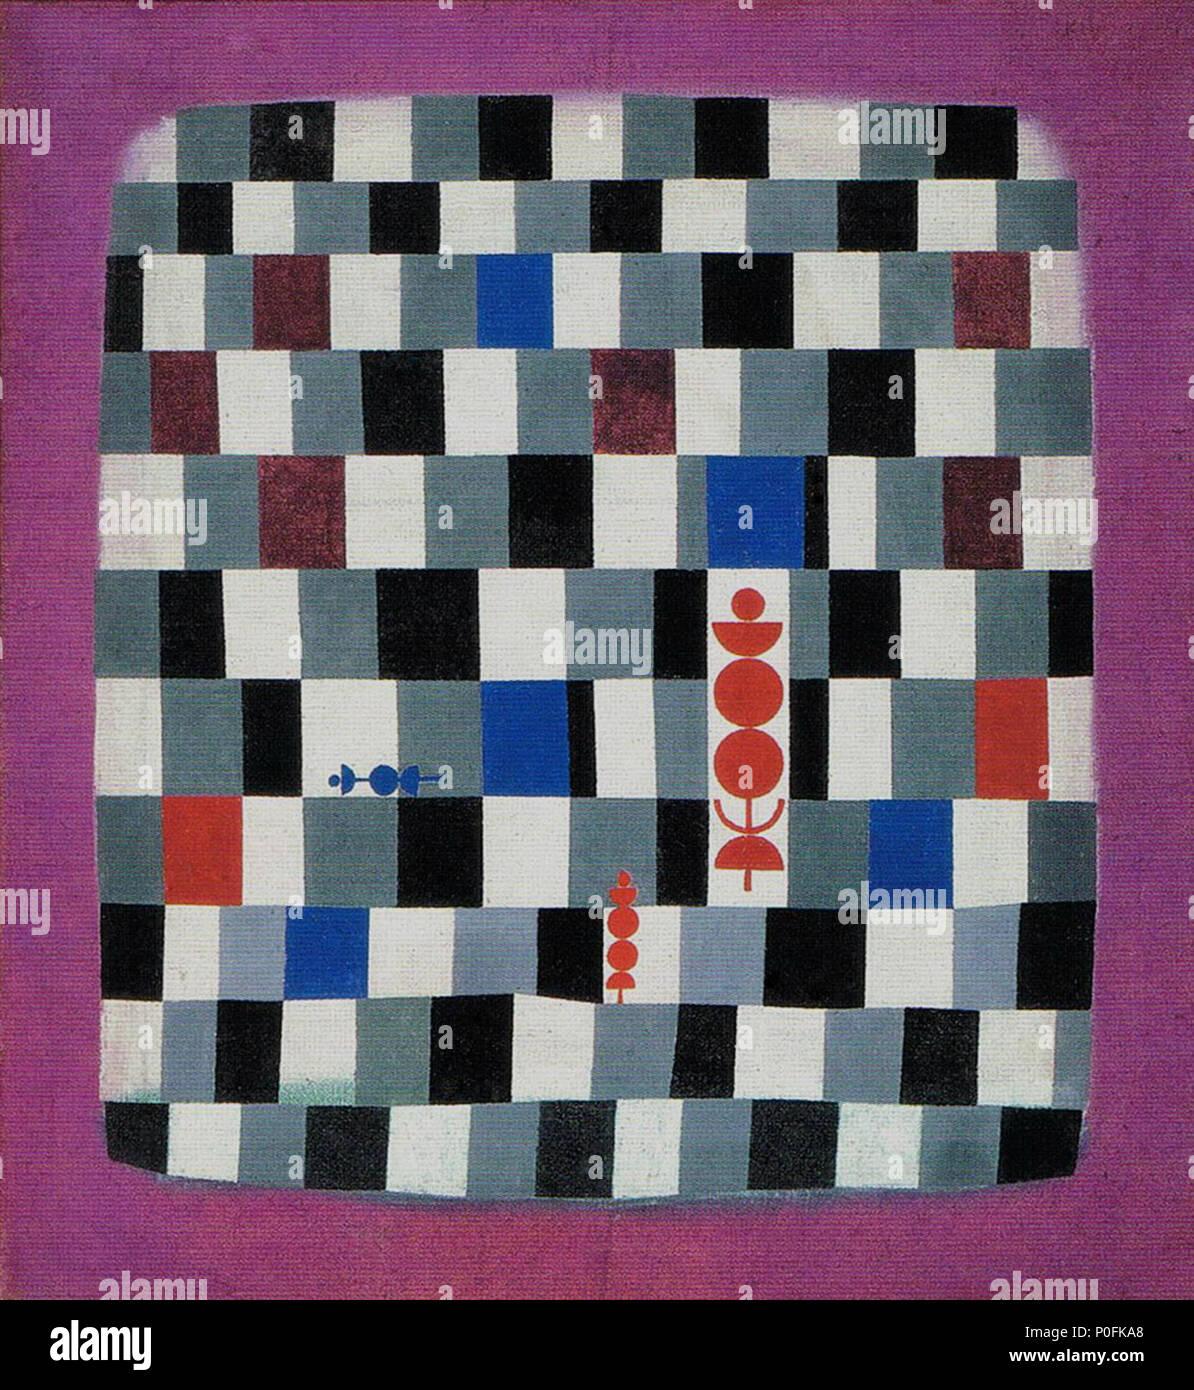 . Deutsch: Paul Klee, Überschach 1937, Öl auf iuta, 110 x 120 cm, il Kunsthaus Zürich inglese: Paul Klee, Super-Chess, 1937 Français : Paul Klee, Superéchec, 1937 . 11 luglio 2015, 06:36:36 58 Paul Klee Ueberschach Immagini Stock